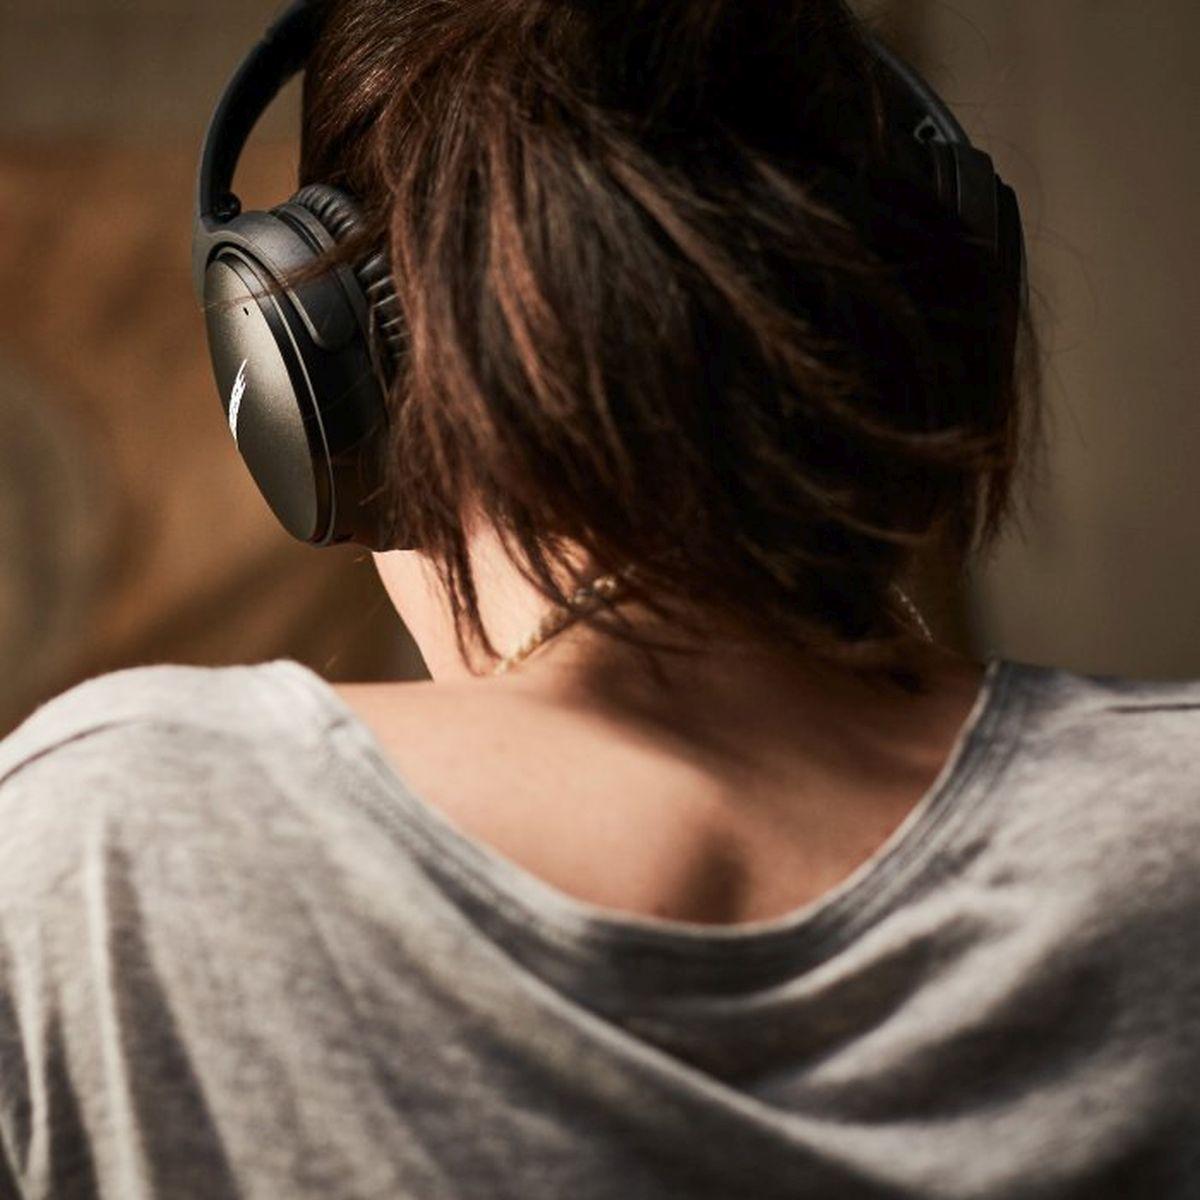 QuietComfort_35_wireless_headphones_1710_5